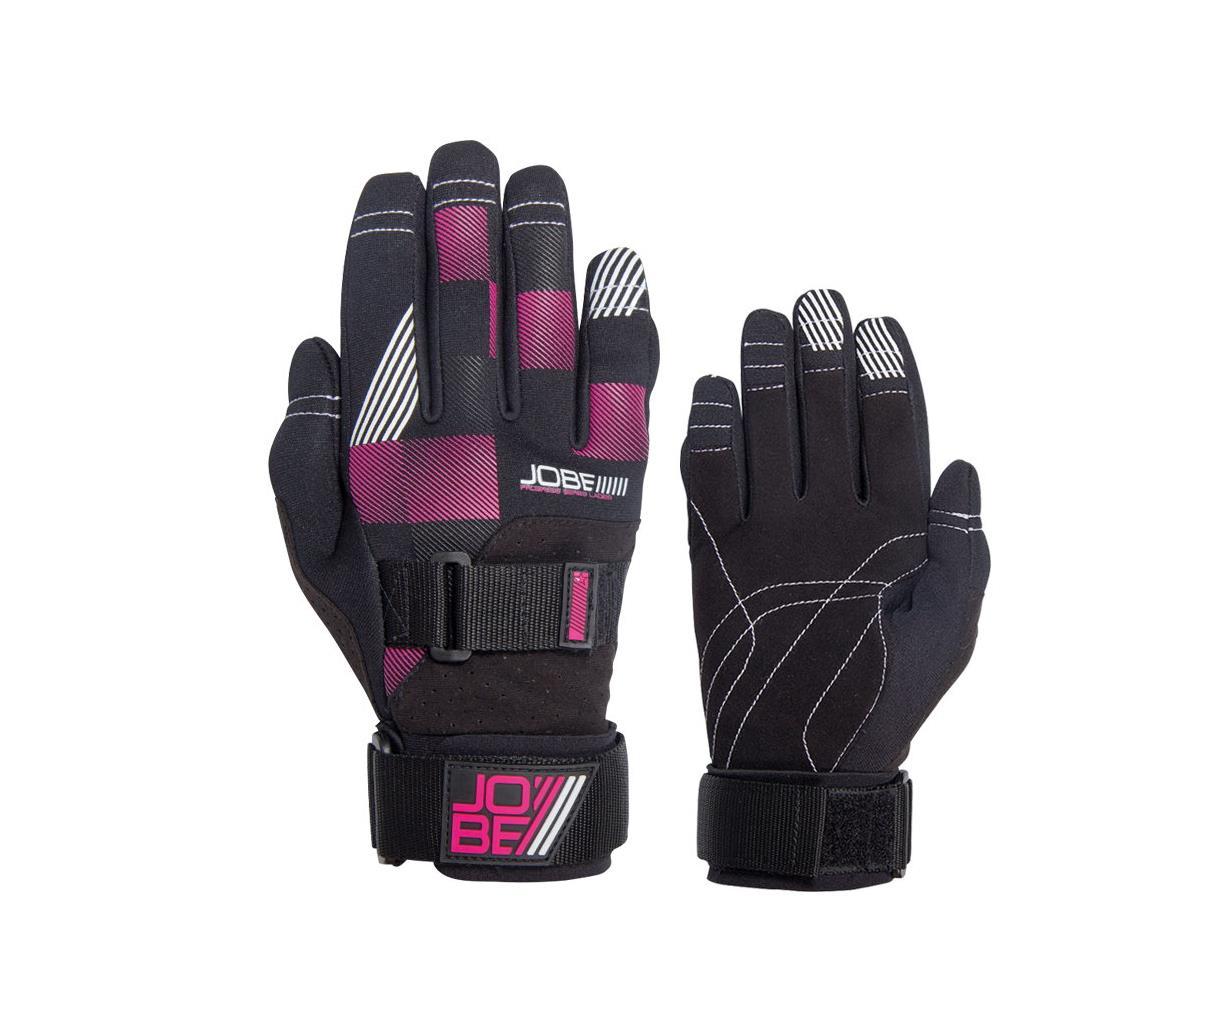 Bekleidung Jobe Progress Gloves Swathe Handschuhe für Wakeboard und Wasserski